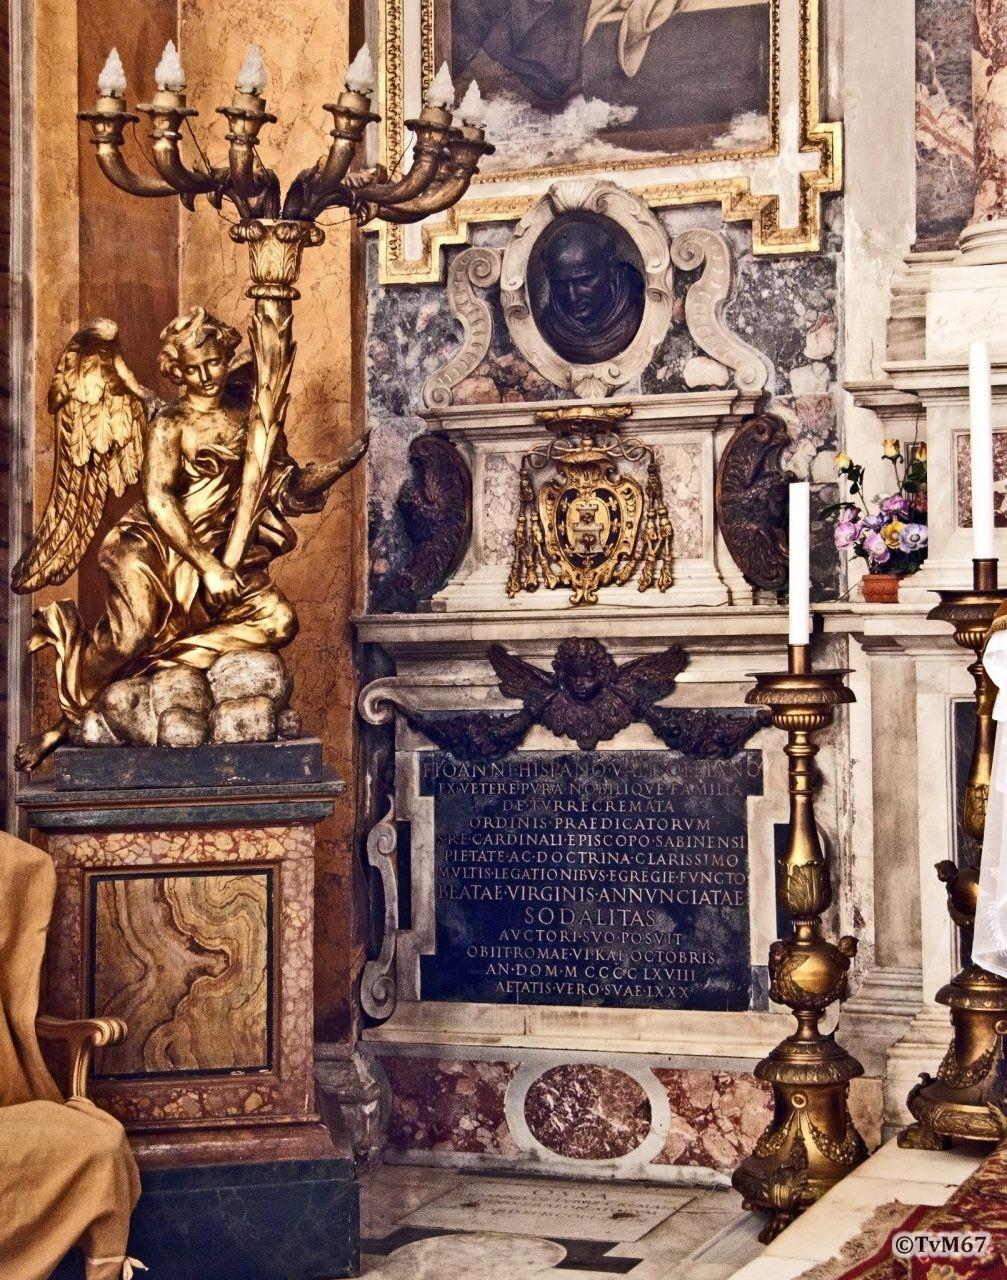 Roma, Chiesa di Santa Maria sopra Minerva, 5e k re, Cap della Annunziata, graf Torquemada